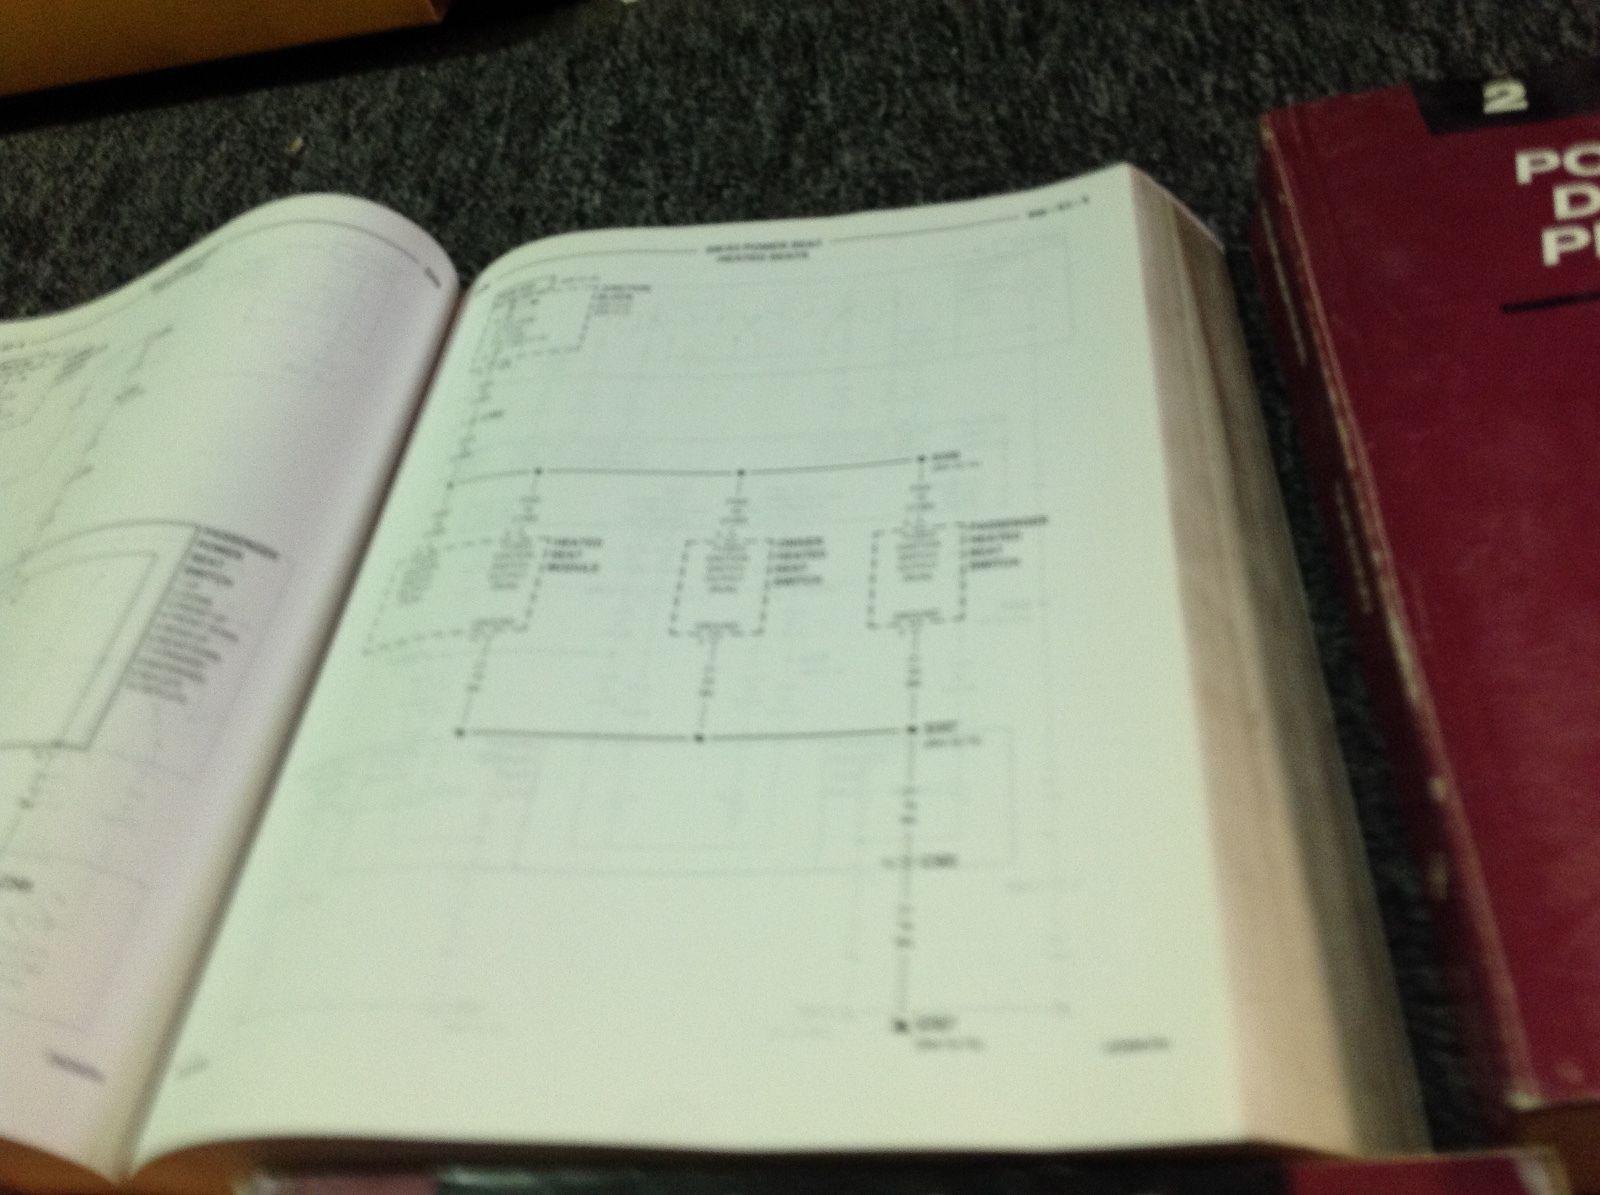 2003 DODGE DURANGO Service Repair Shop Manual Set OEM W Diagnostics Procedures +